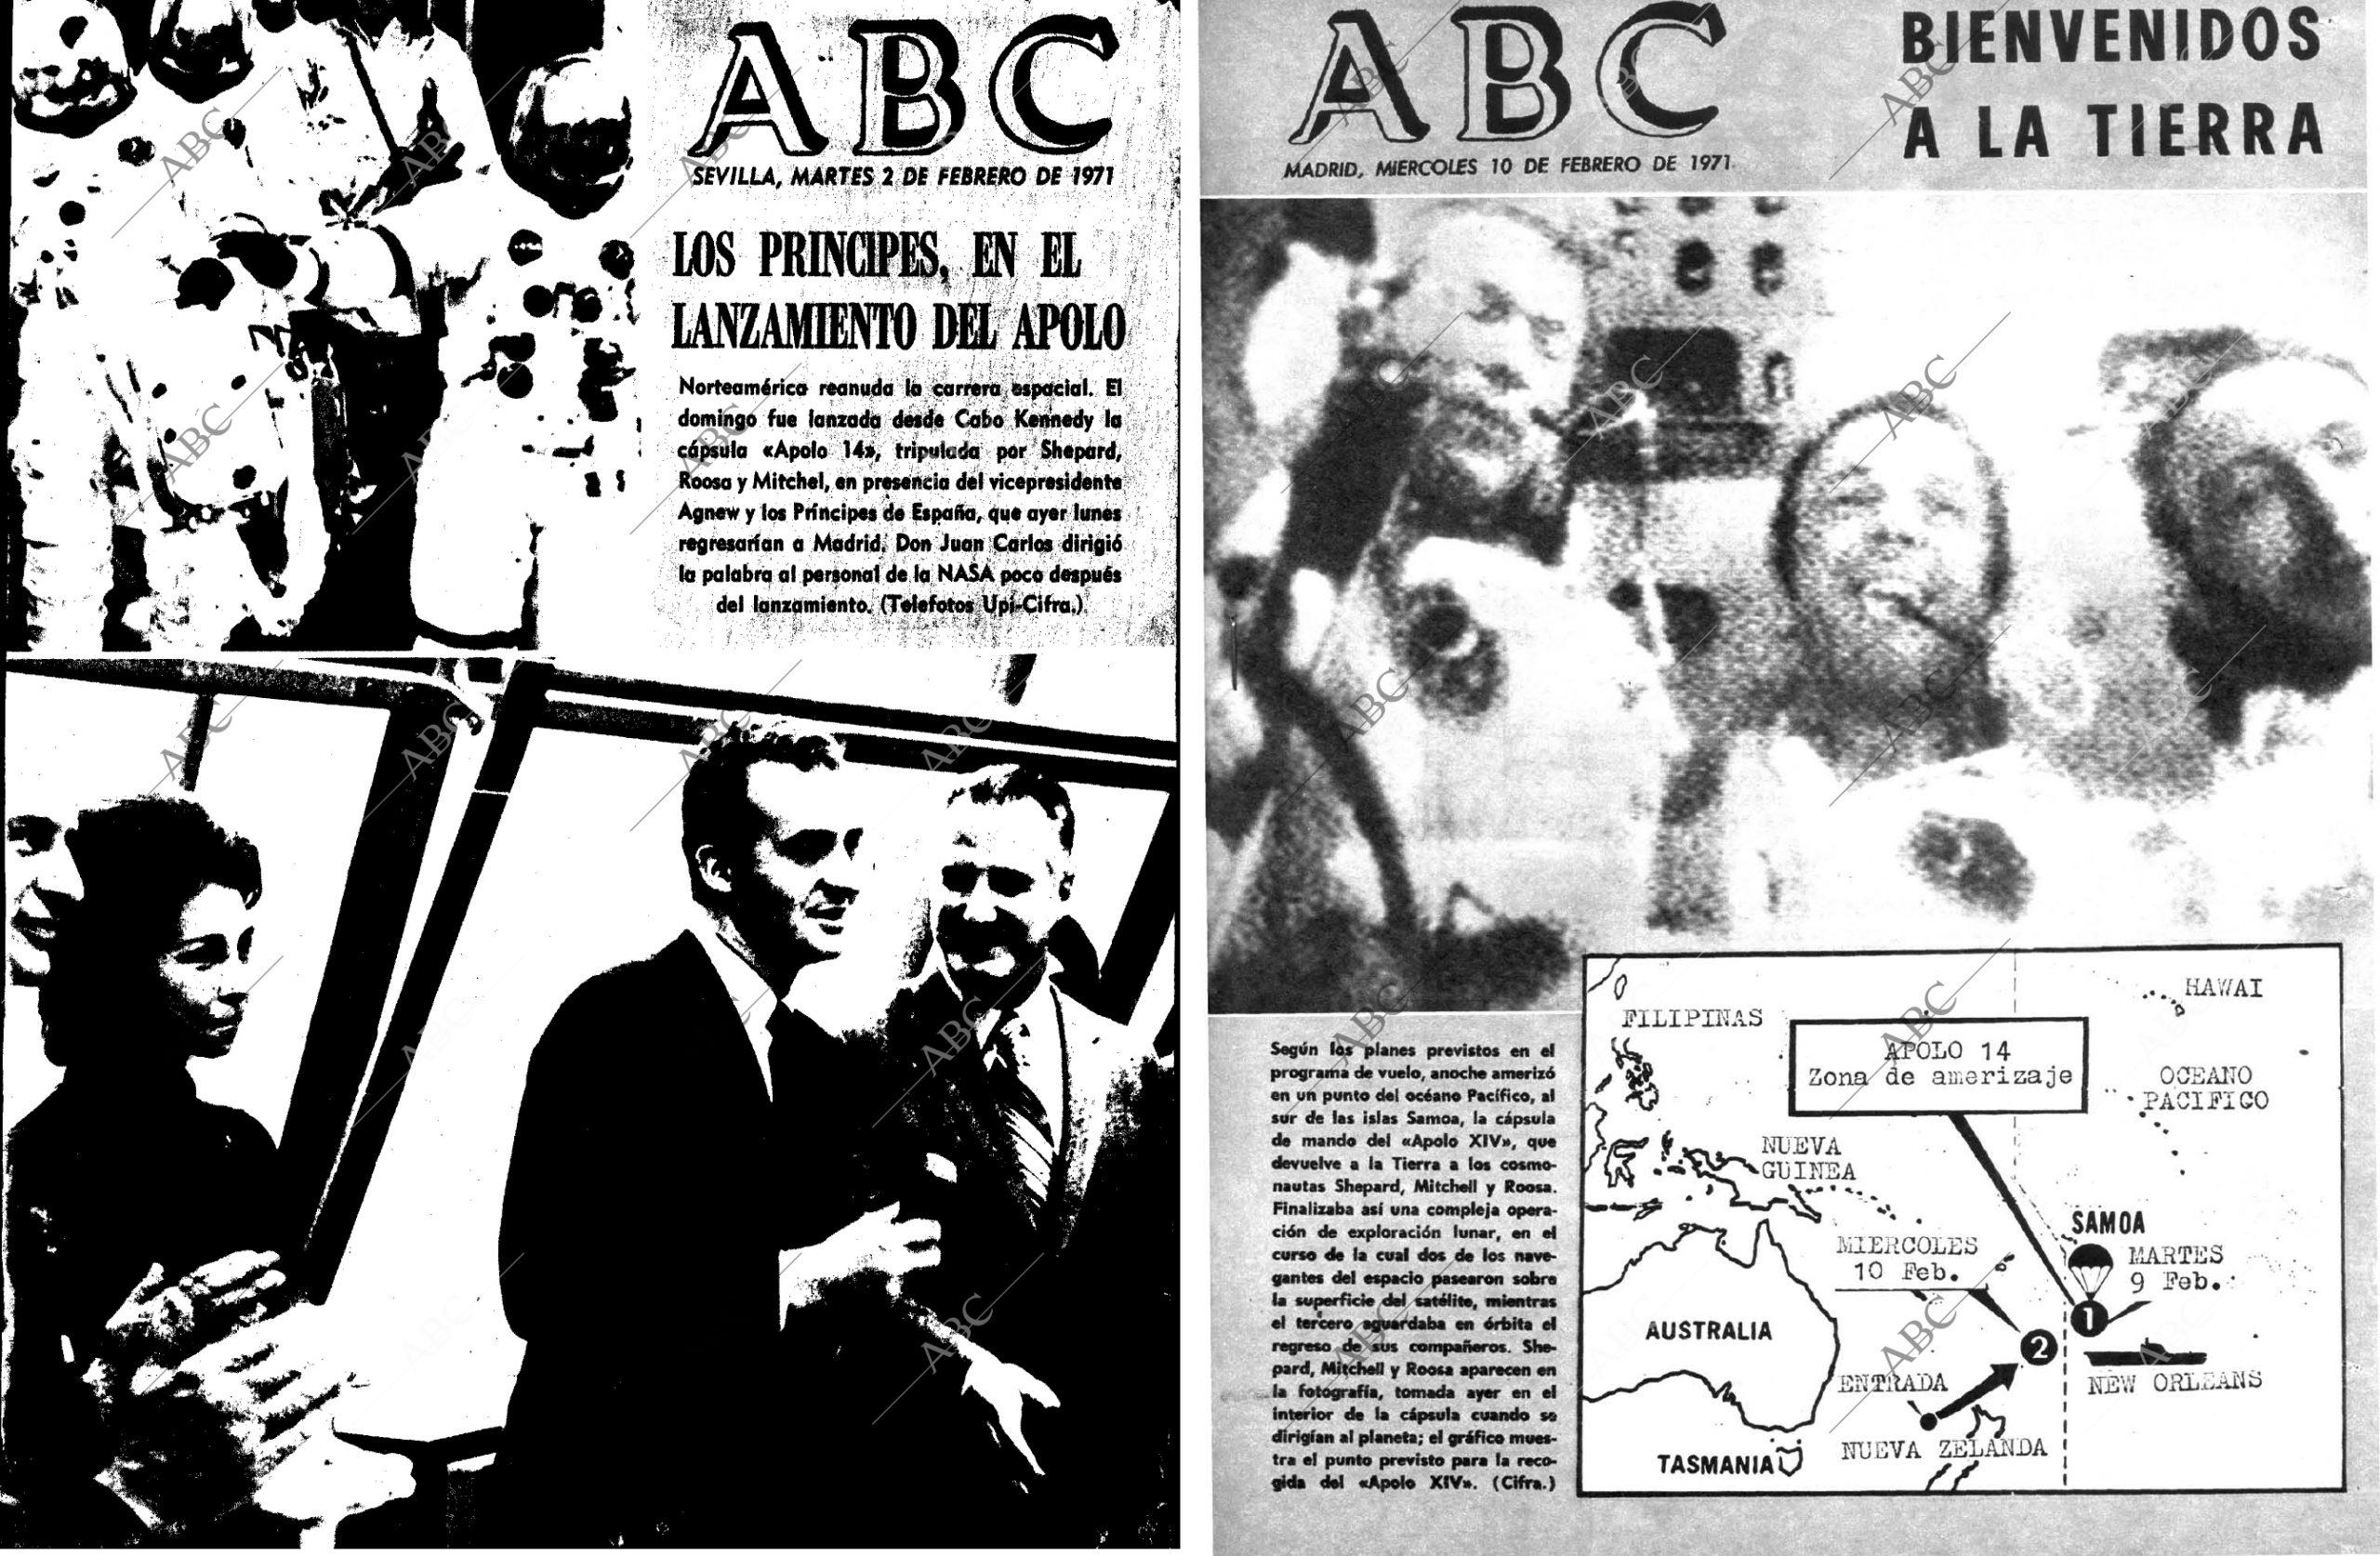 Portadas del ABC en referencia al Apolo 14 (1971).